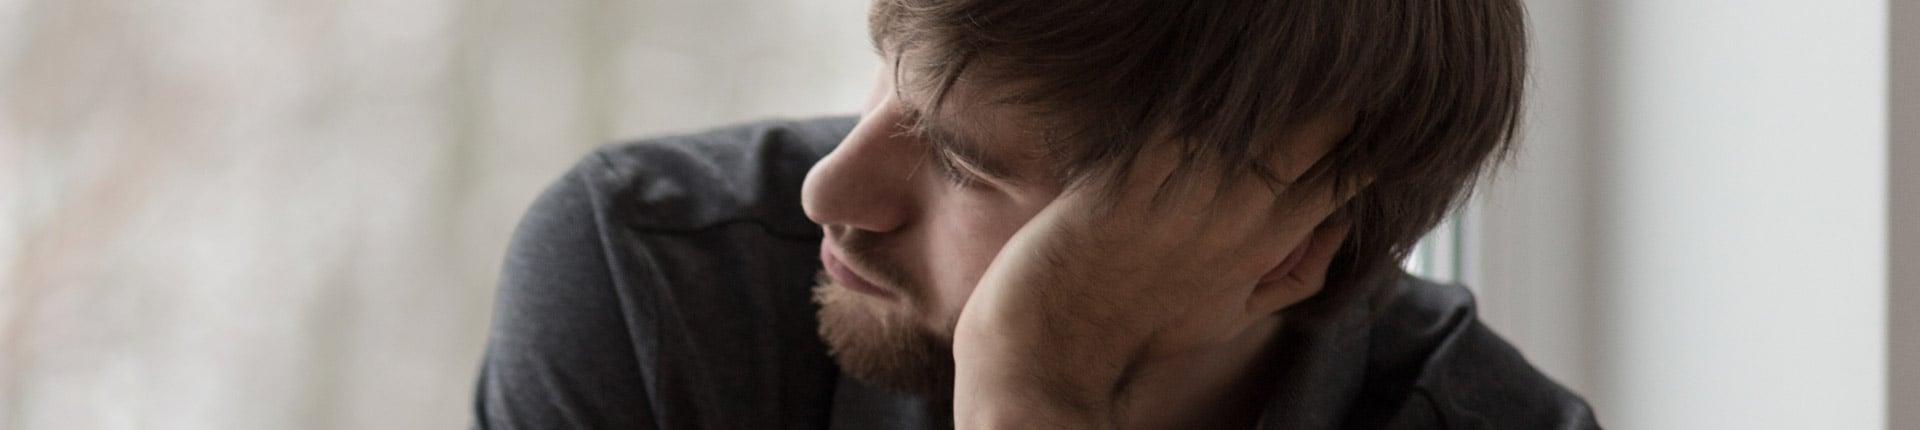 Sezonowe zaburzenia afektywne - czym są i jak z nimi postępować?